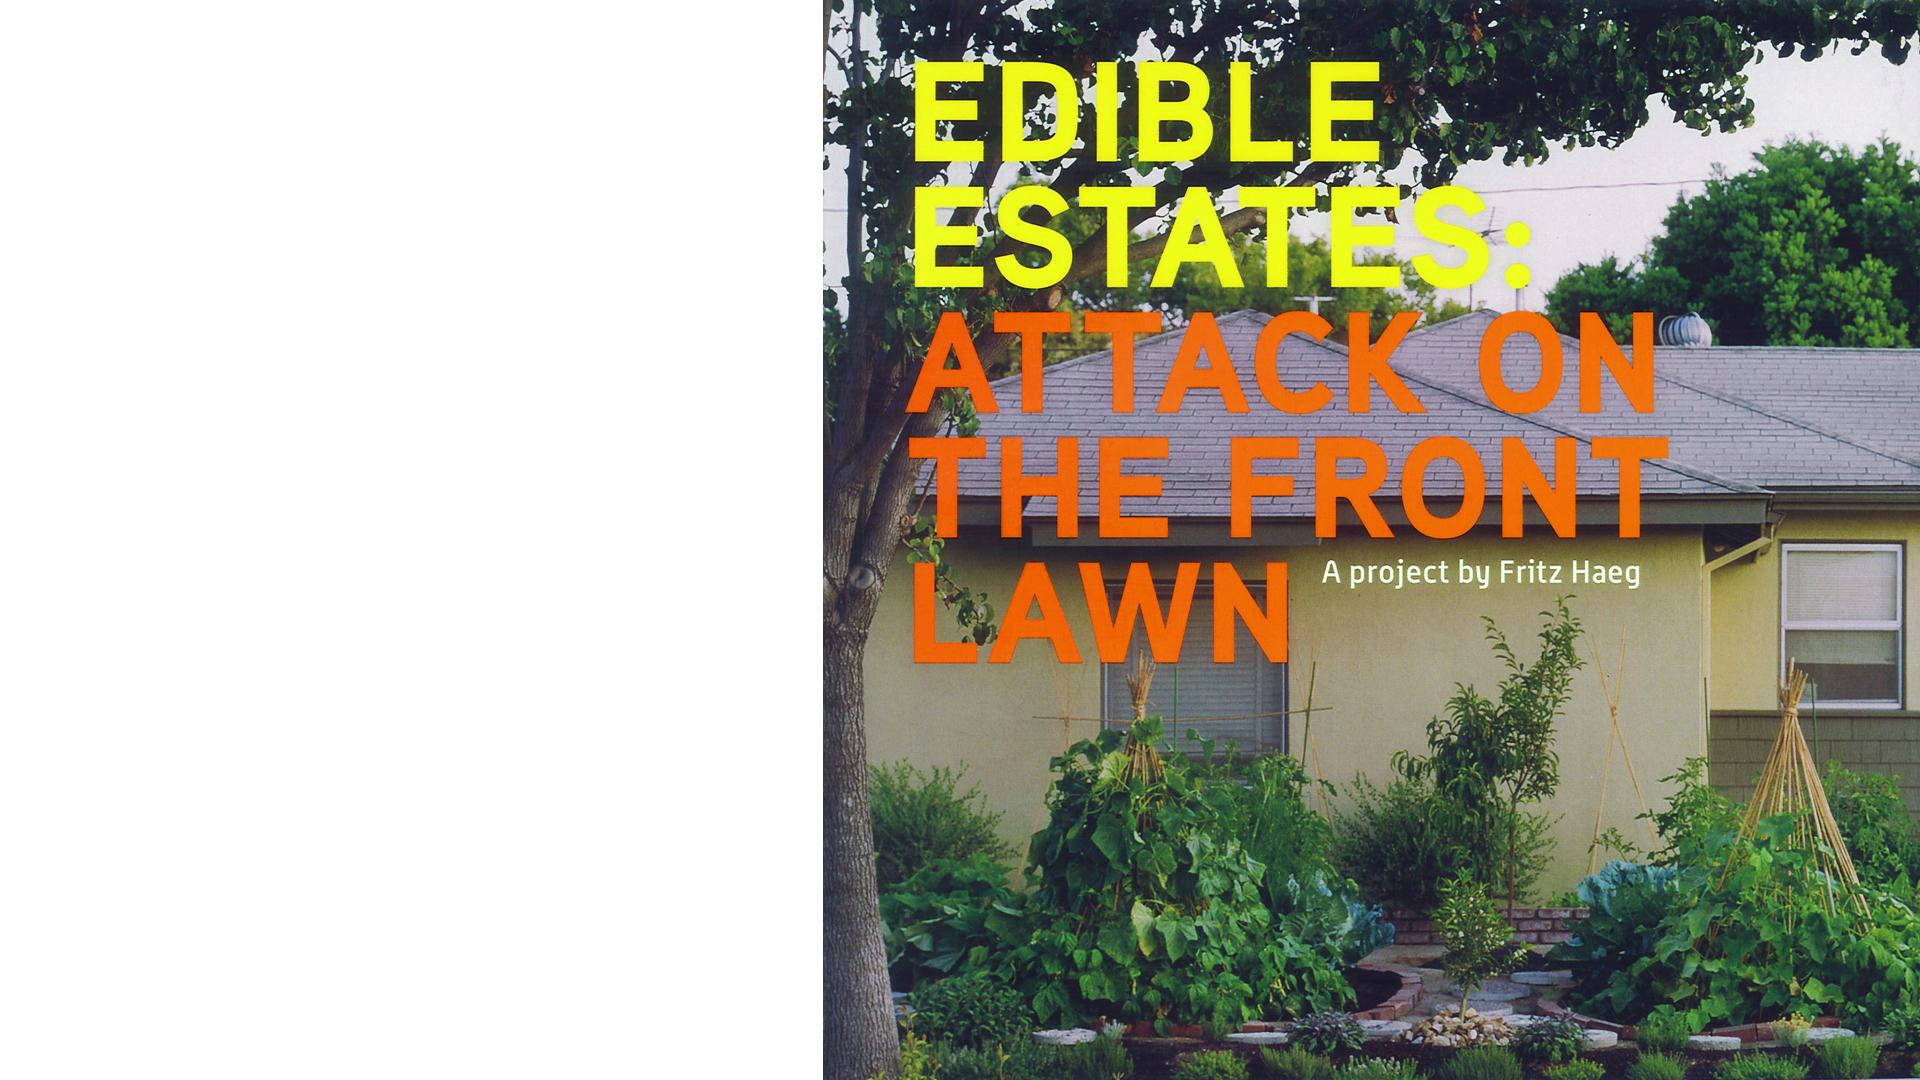 BA_edibleestates_coverspread_1080.jpg